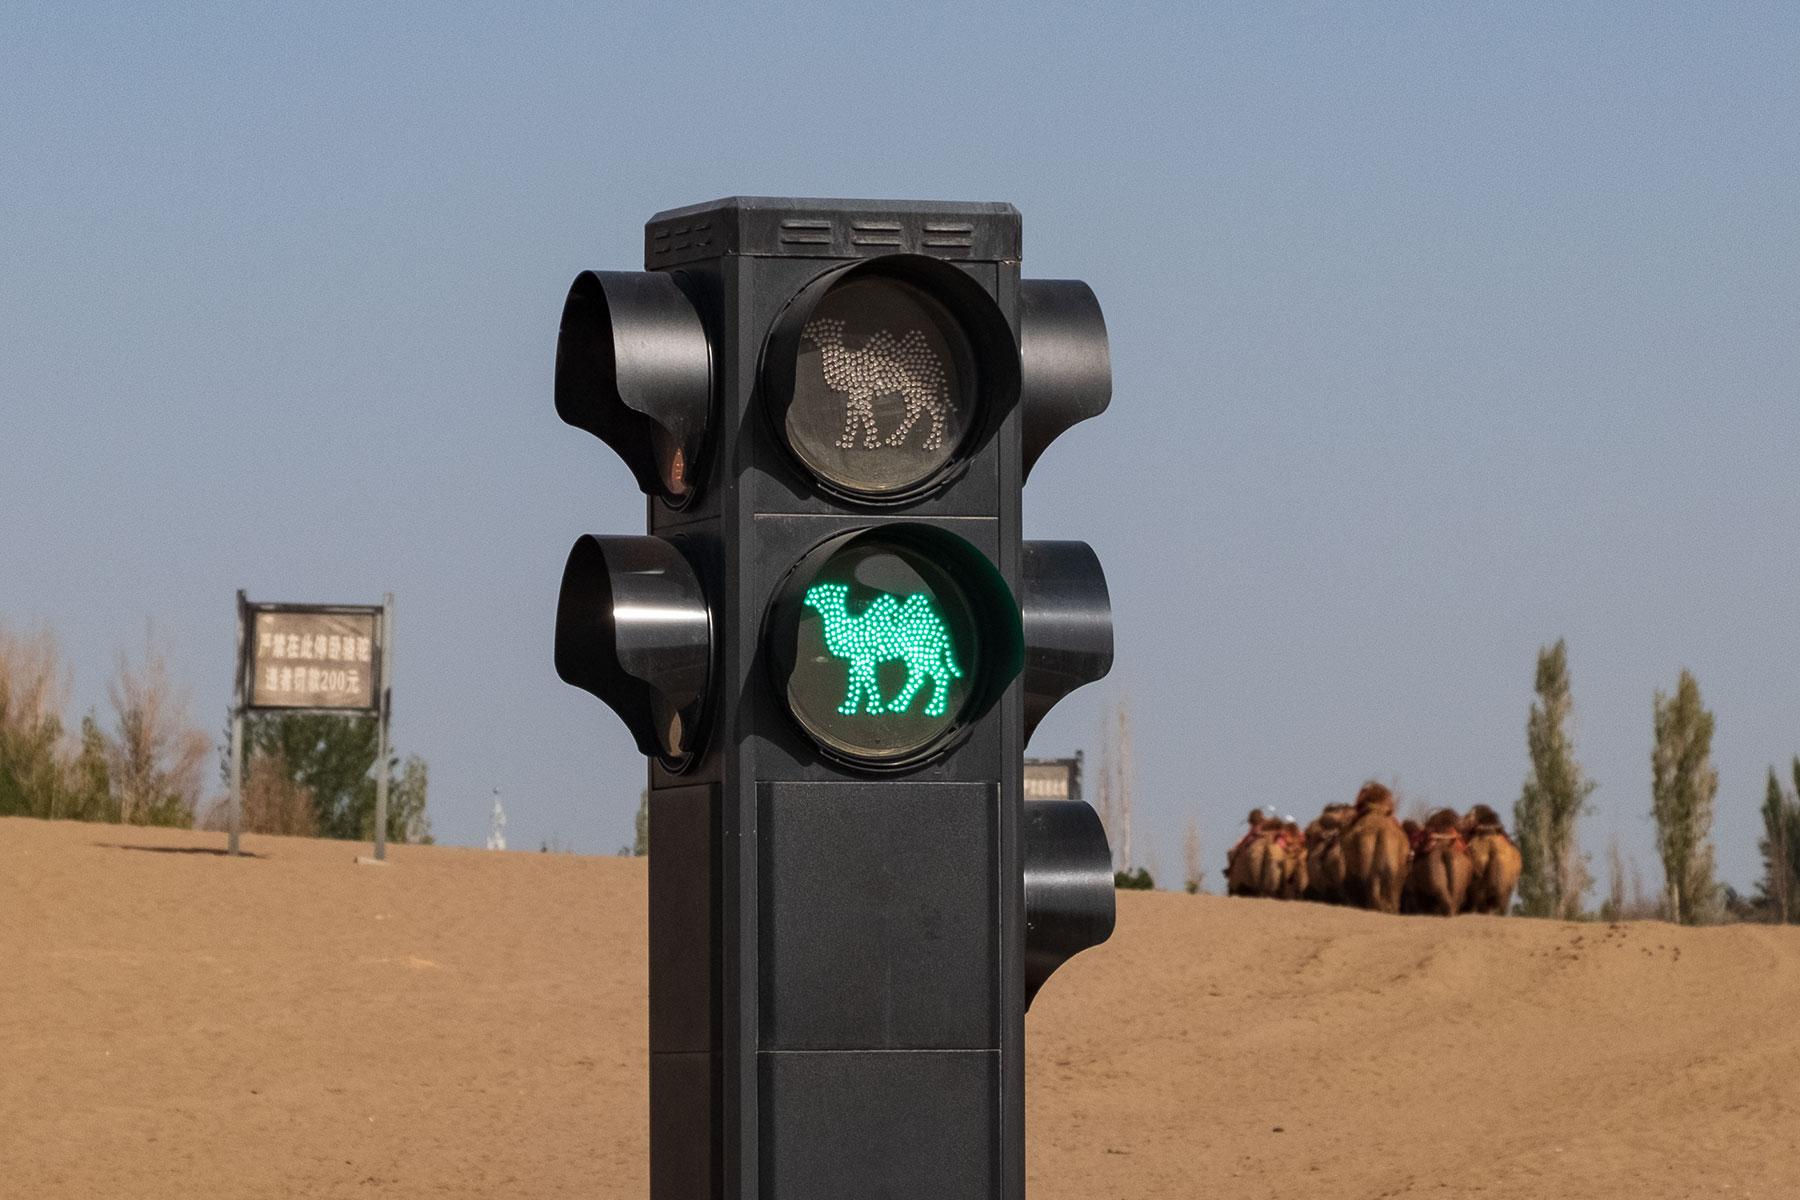 Kamelampel in der Mingsha Wüste in Dunhuang in China mit Kamelen